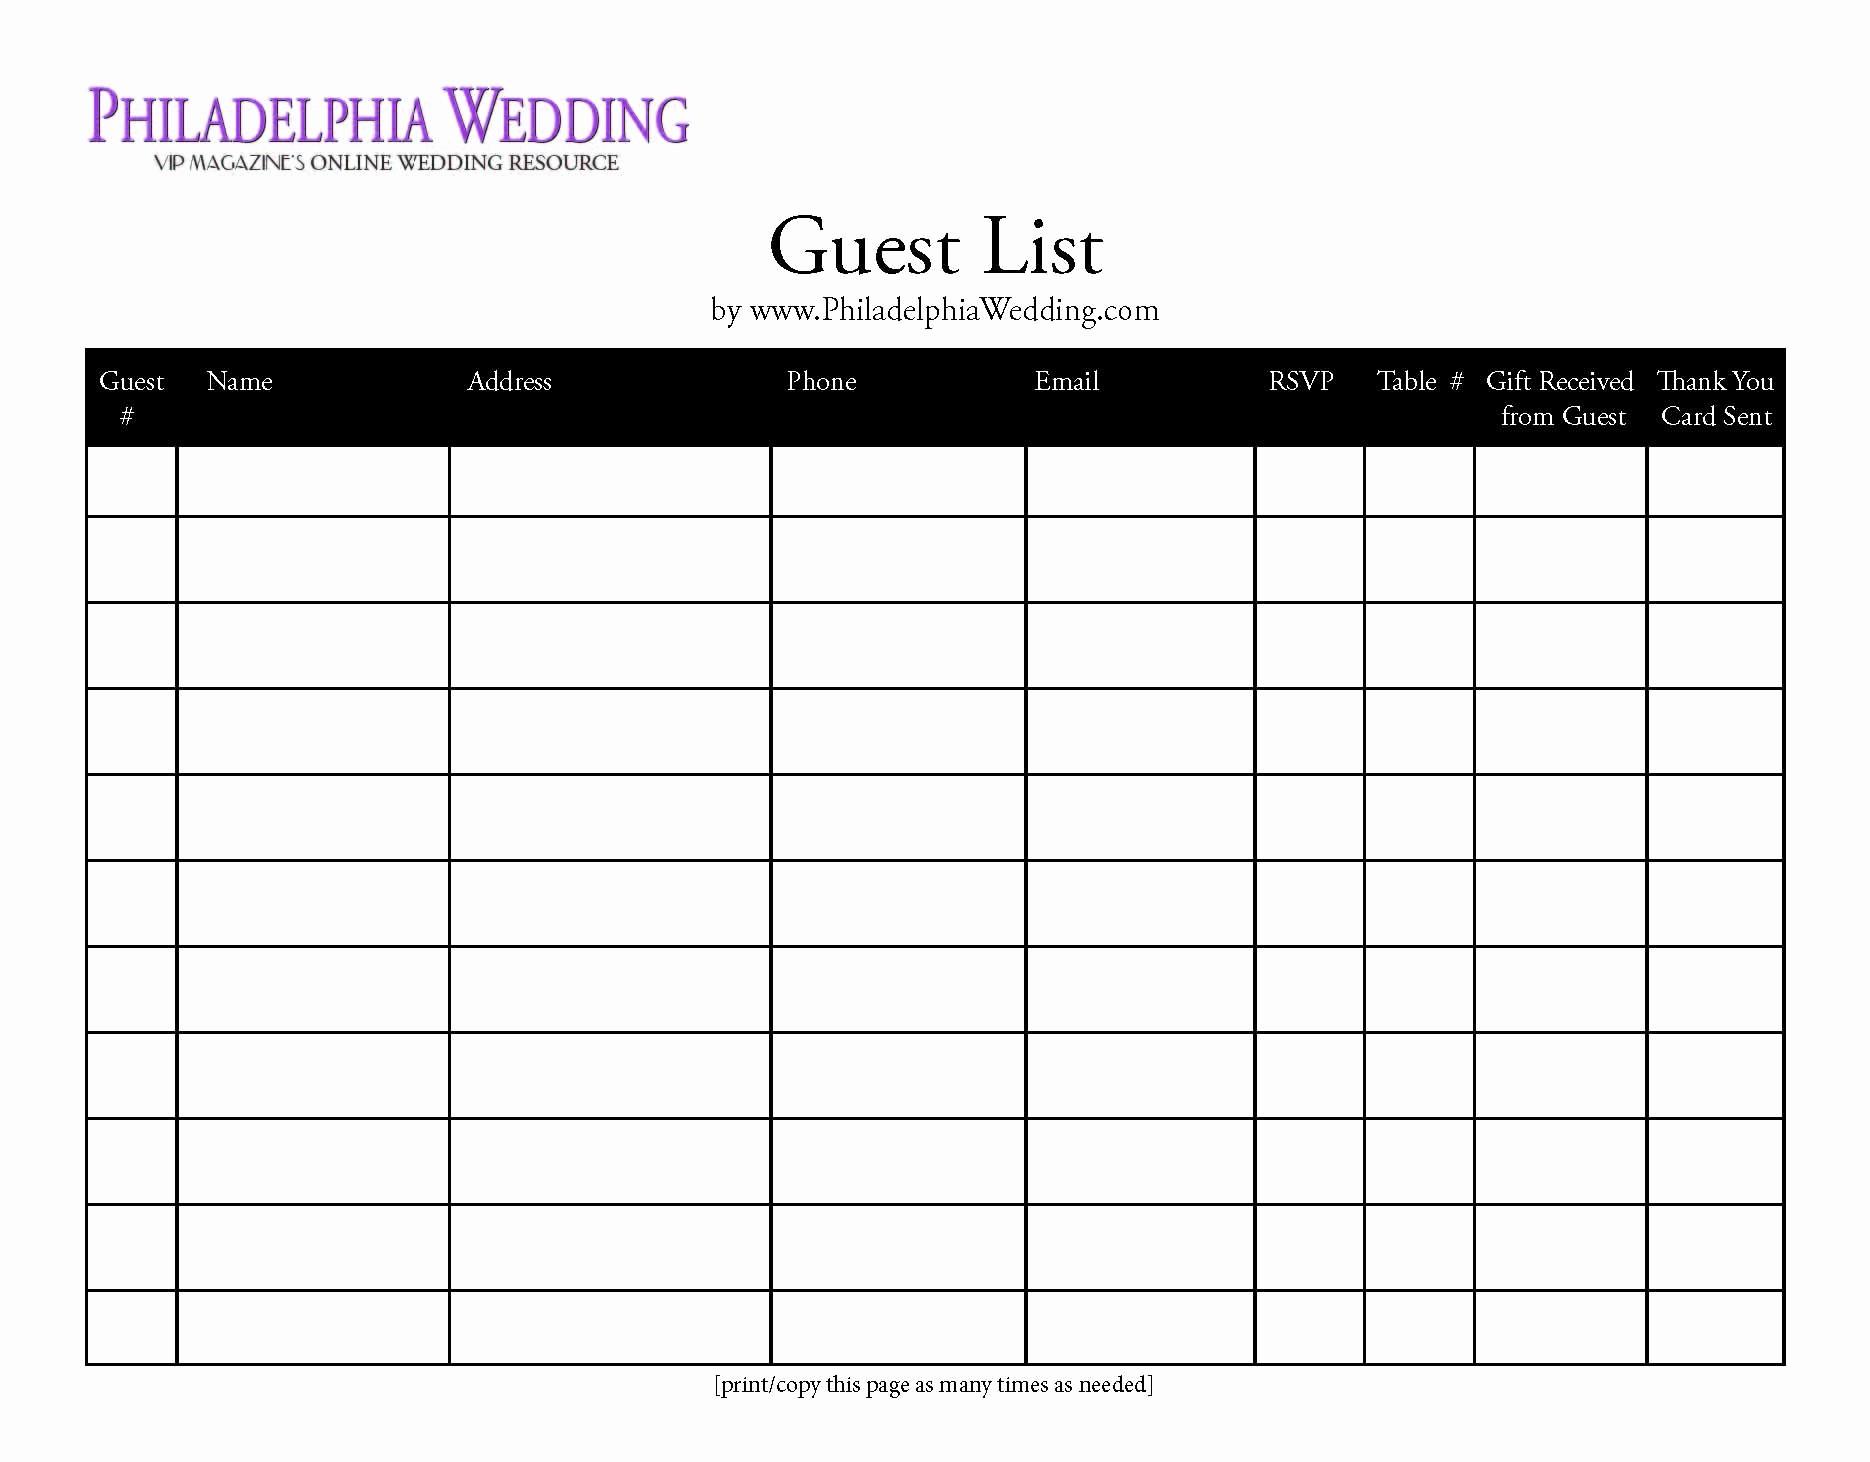 Wedding Guest List Worksheet Printable Luxury Pin Wedding Bud Worksheet On Pinterest